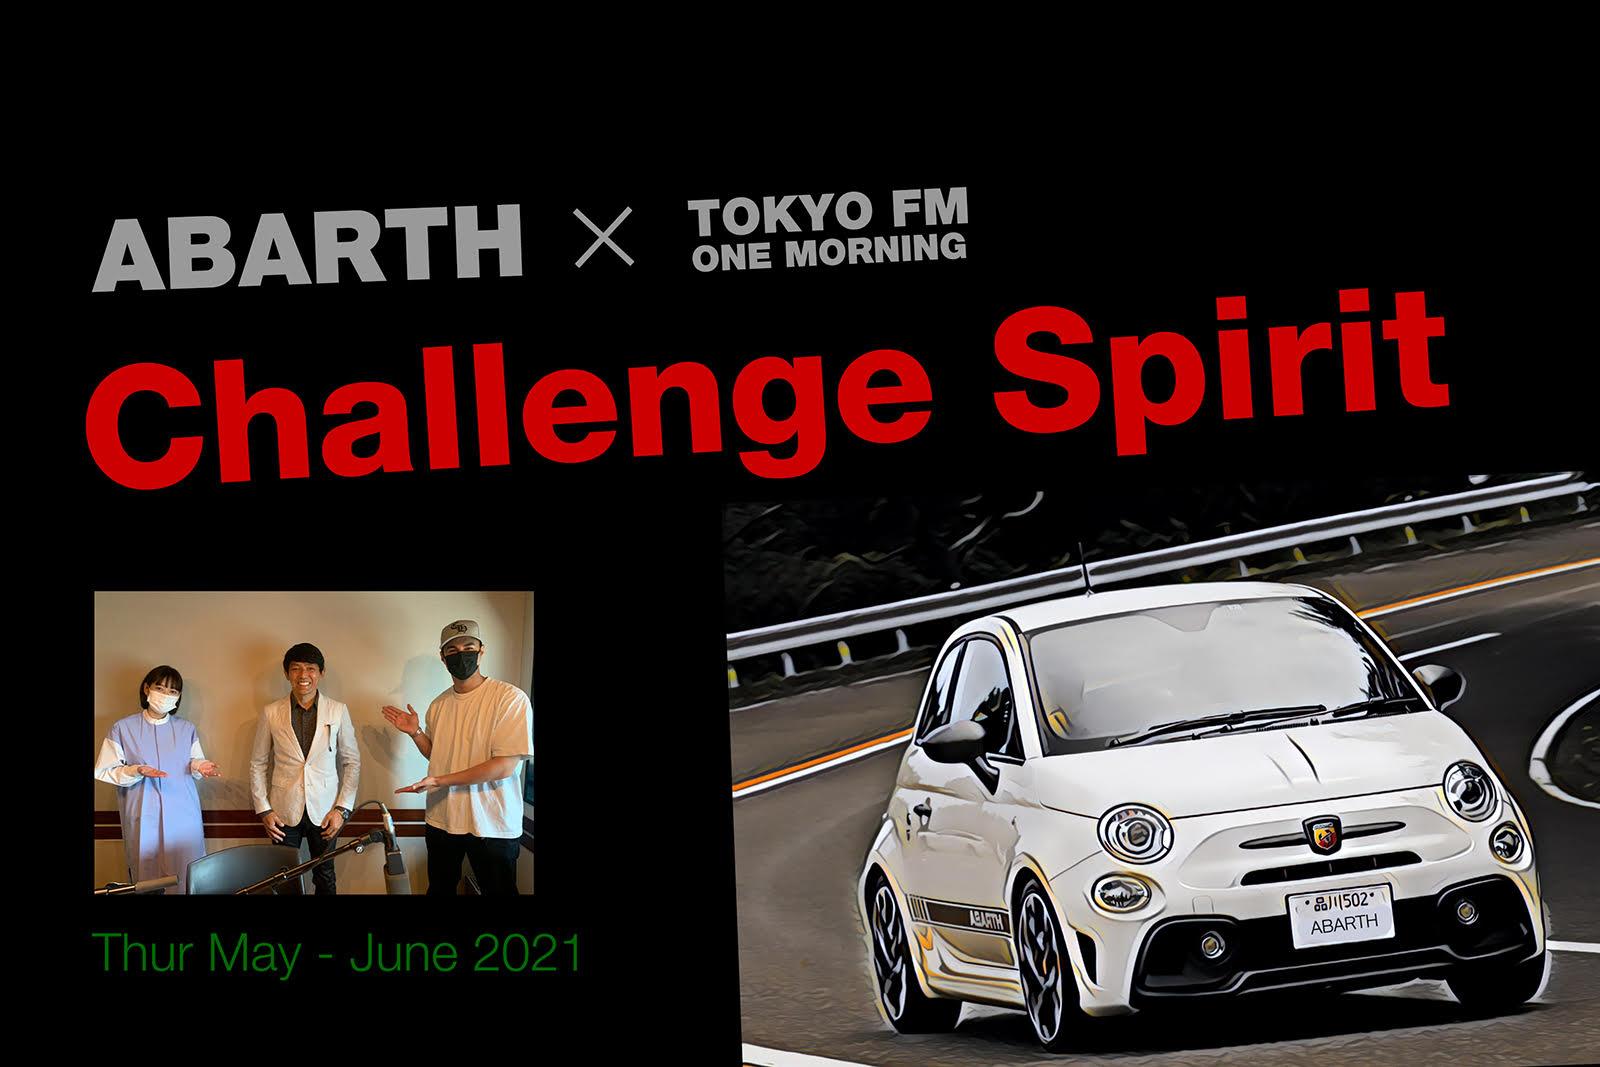 様々な分野の挑戦者がそれぞれのチャレンジを語る『Challenge Spirit』 TOKYO FM ONE MORNING内で6月24日まで放送中!